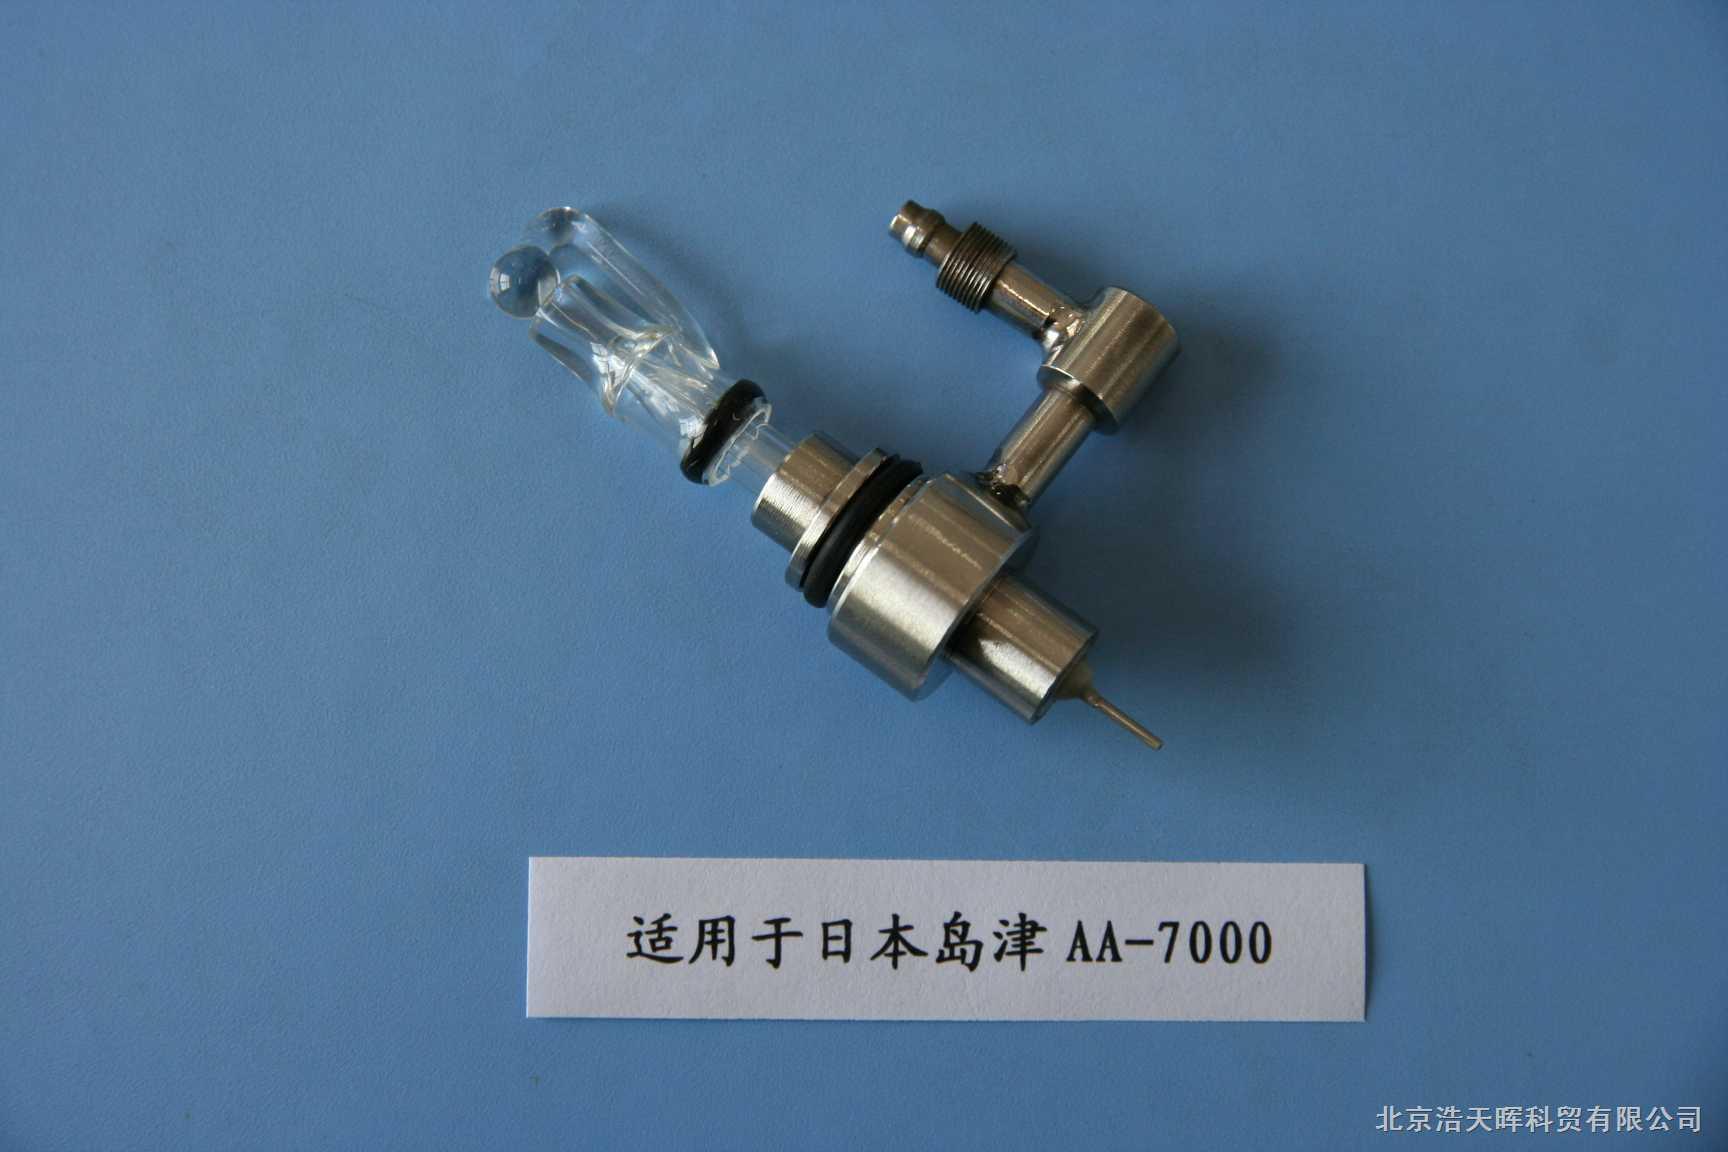 金属套玻璃高效雾化器(WNA-1系列岛津AA-7000型)